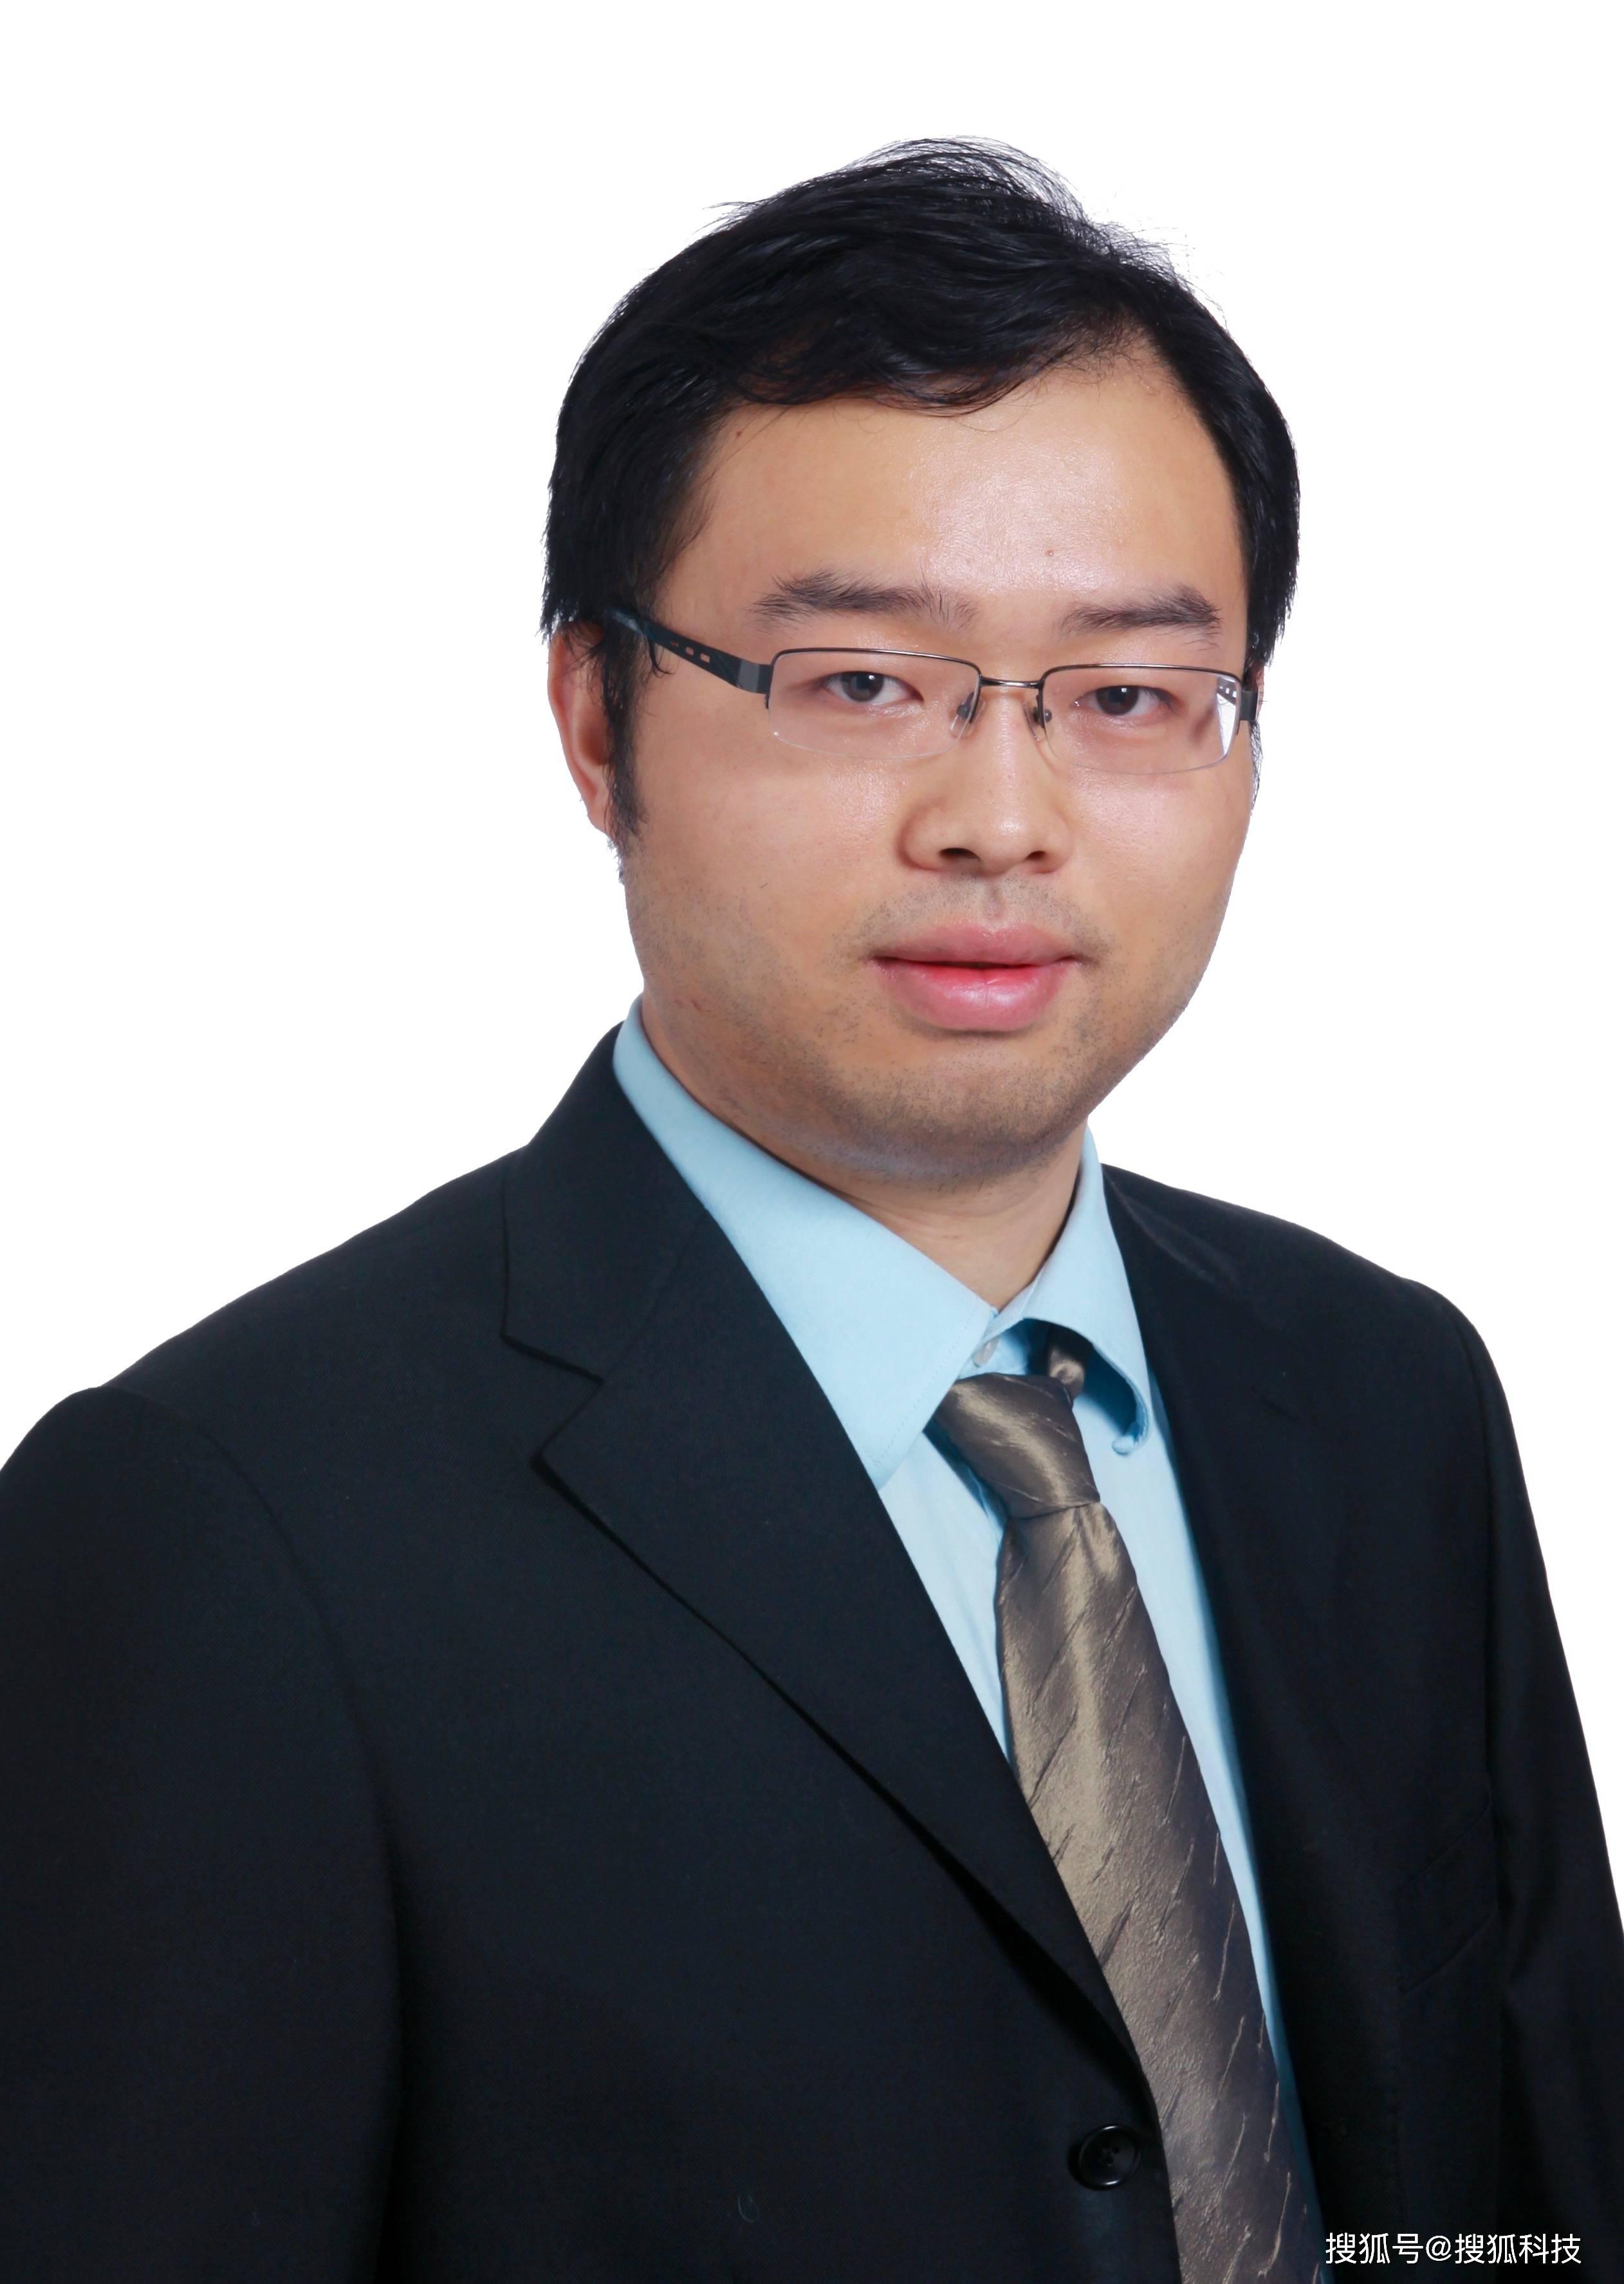 搜狐科技5G&AI峰会嘉宾介绍